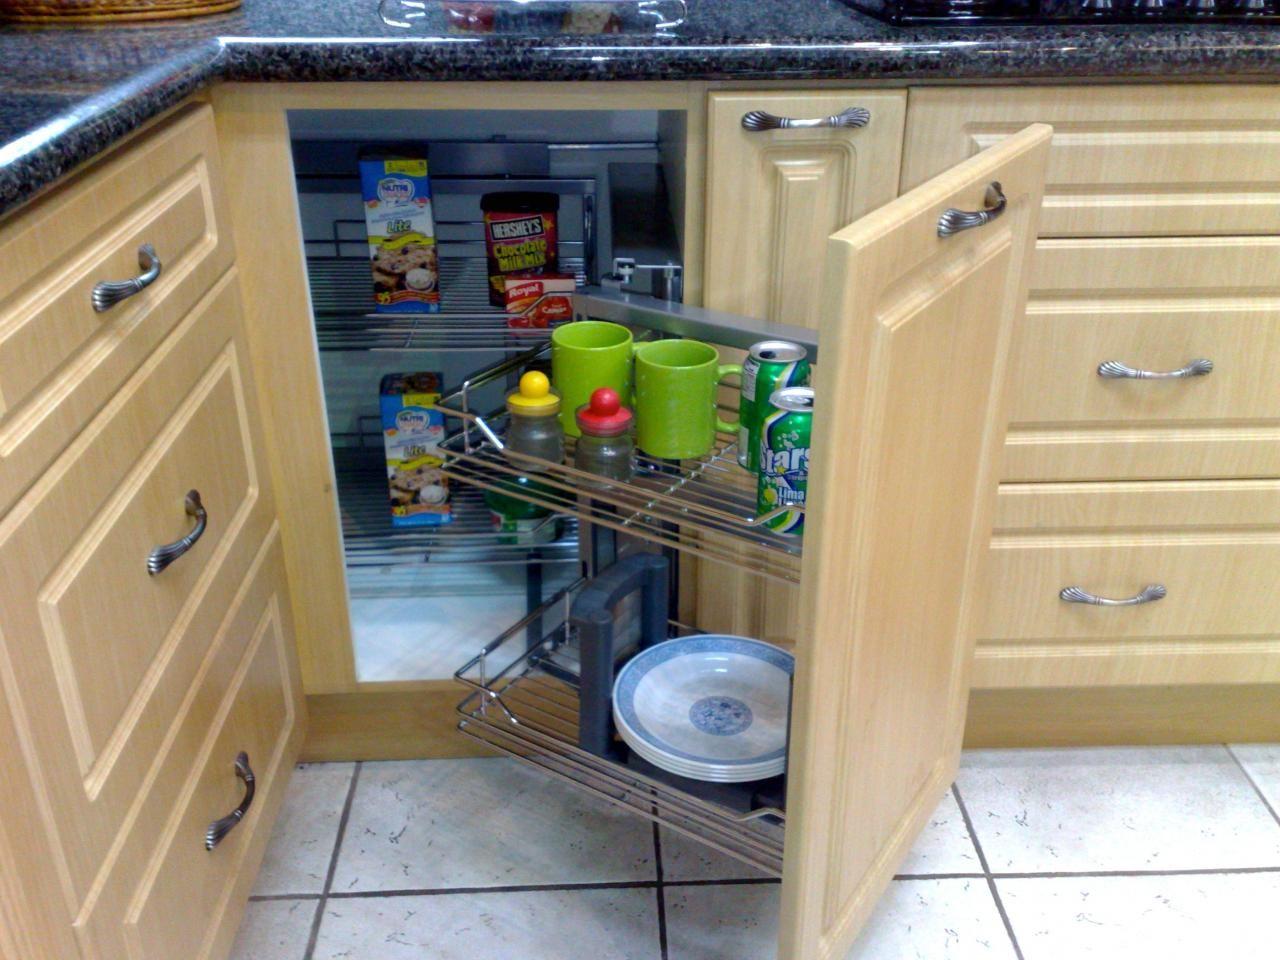 Herrajes para cocina accesorios para la cocina - Herrajes para muebles cocina ...